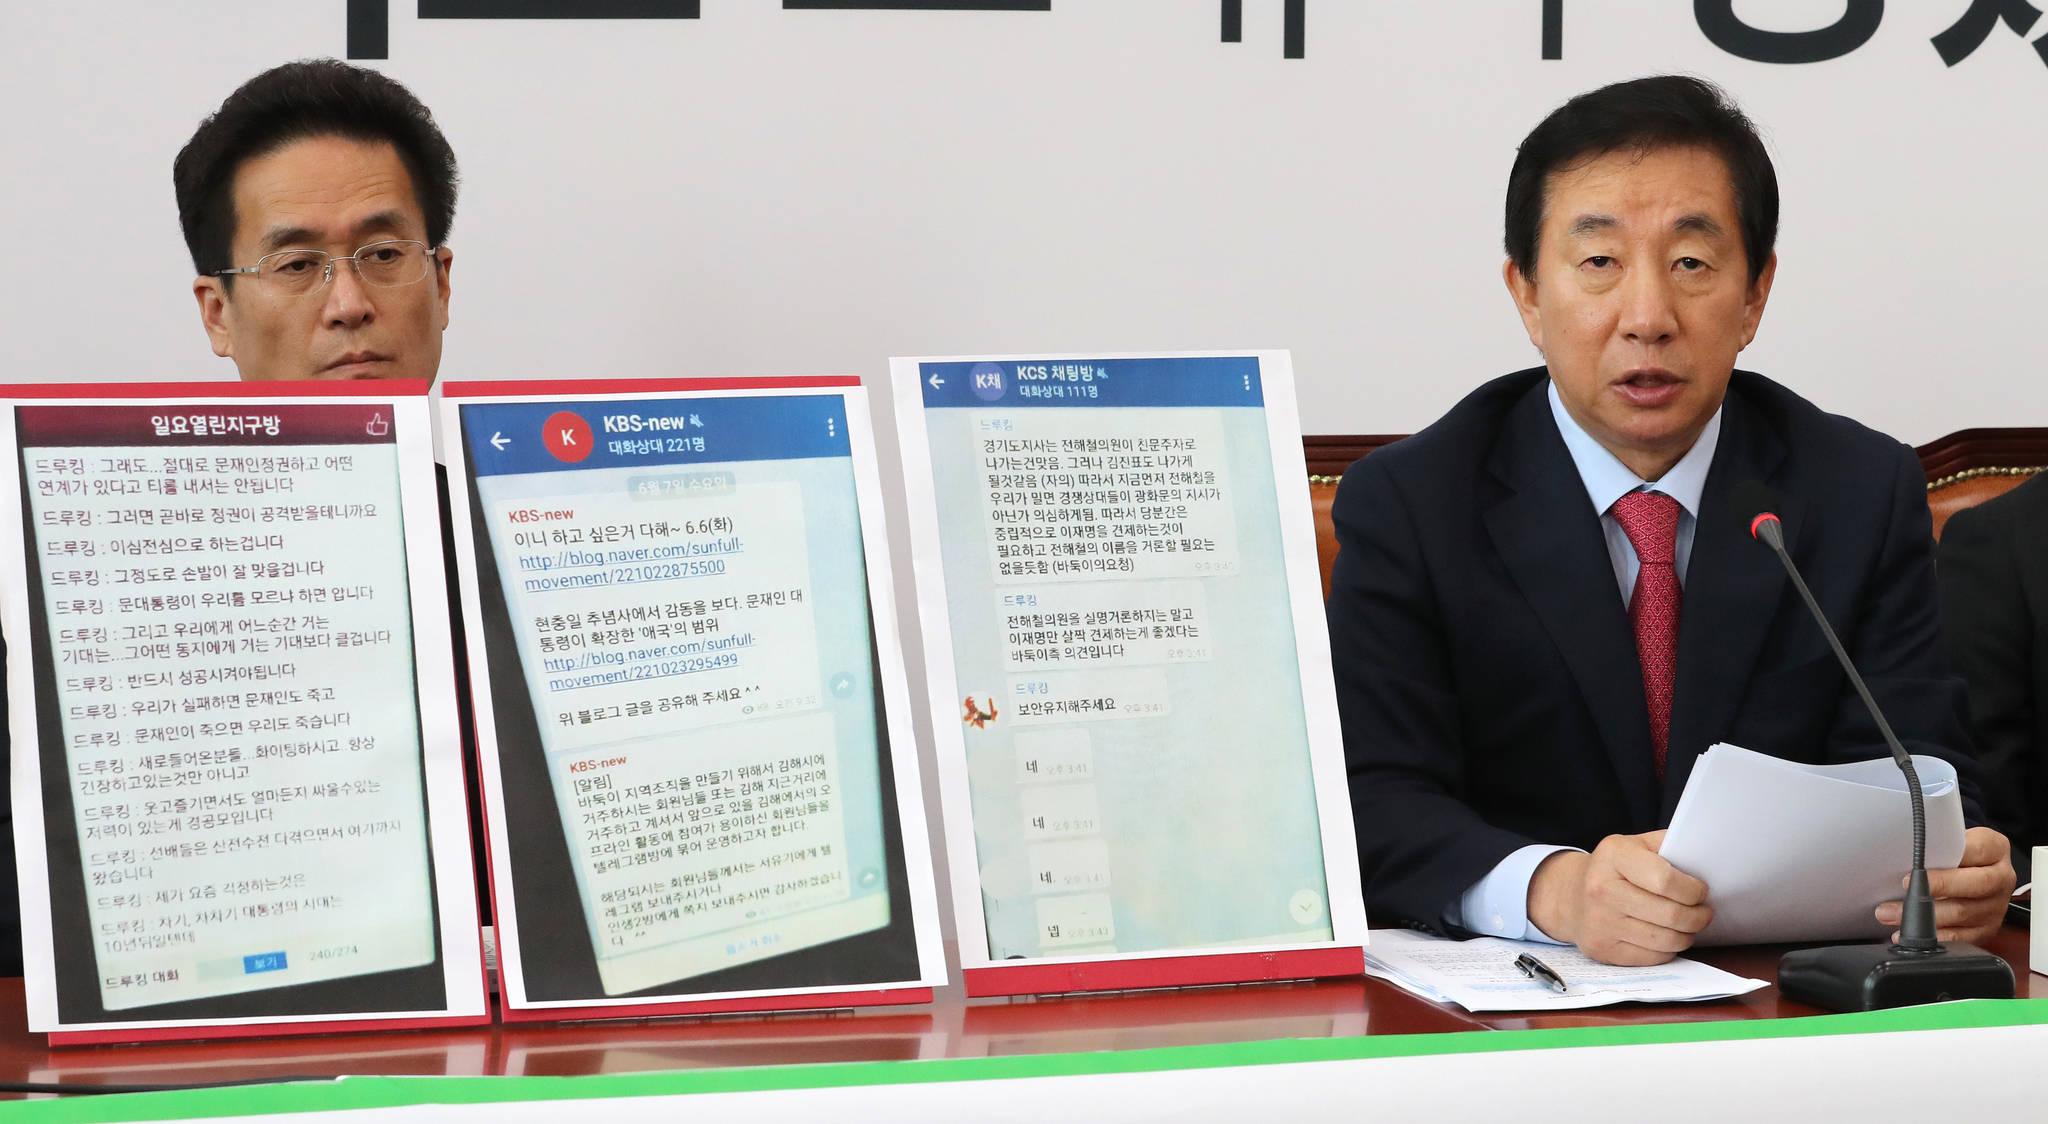 자유한국당 김성태 원내대표(오른쪽)가 25일 오후 국회에서 드루킹 댓글조작과 관련한 긴급 기자회견을 열고 발언하고 있다. [연합뉴스]